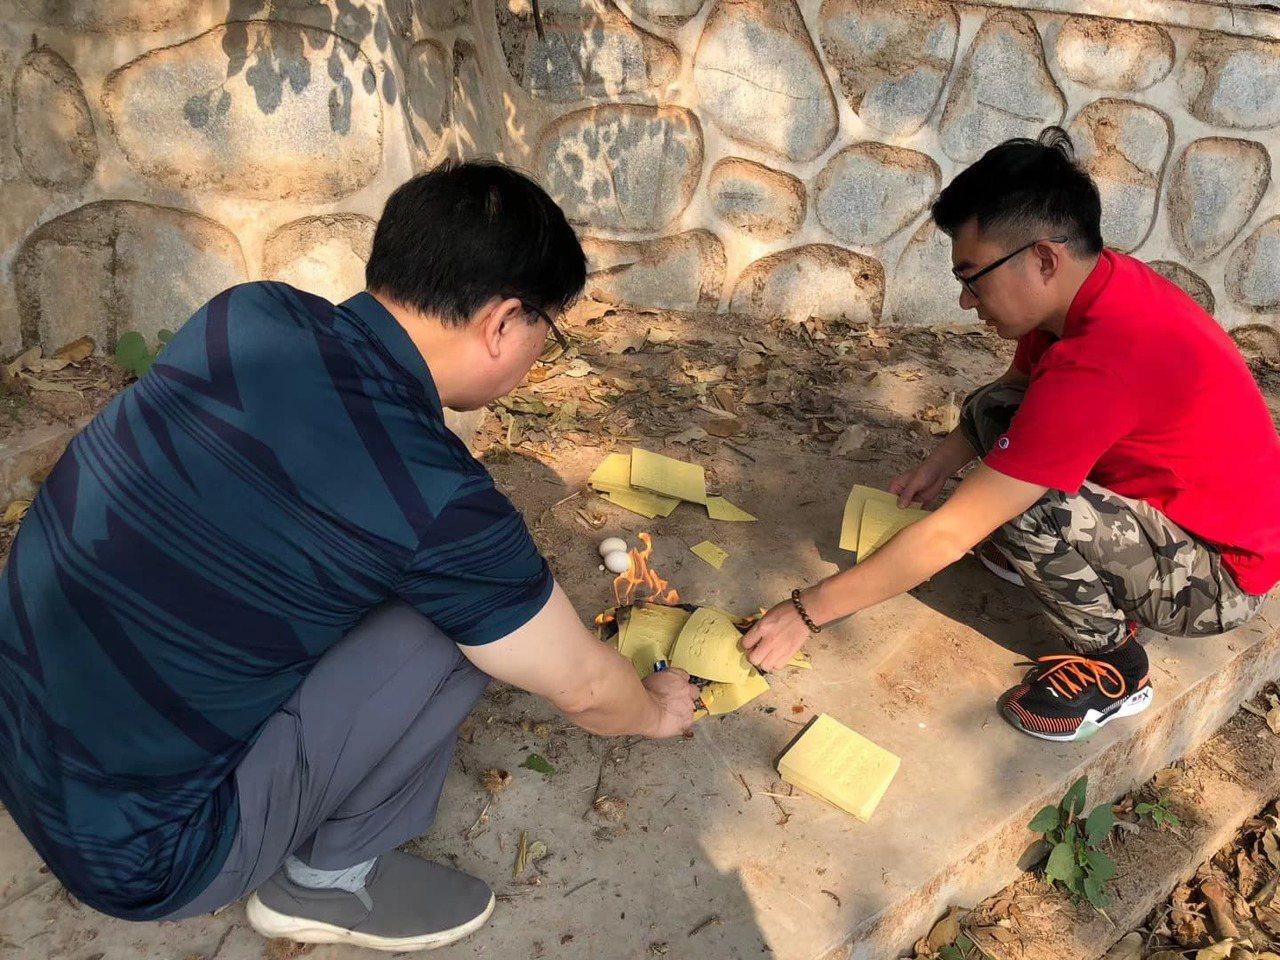 志願者依中國傳統風俗向傘兵先烈稟告進度。圖/讀者羅吉倫提供